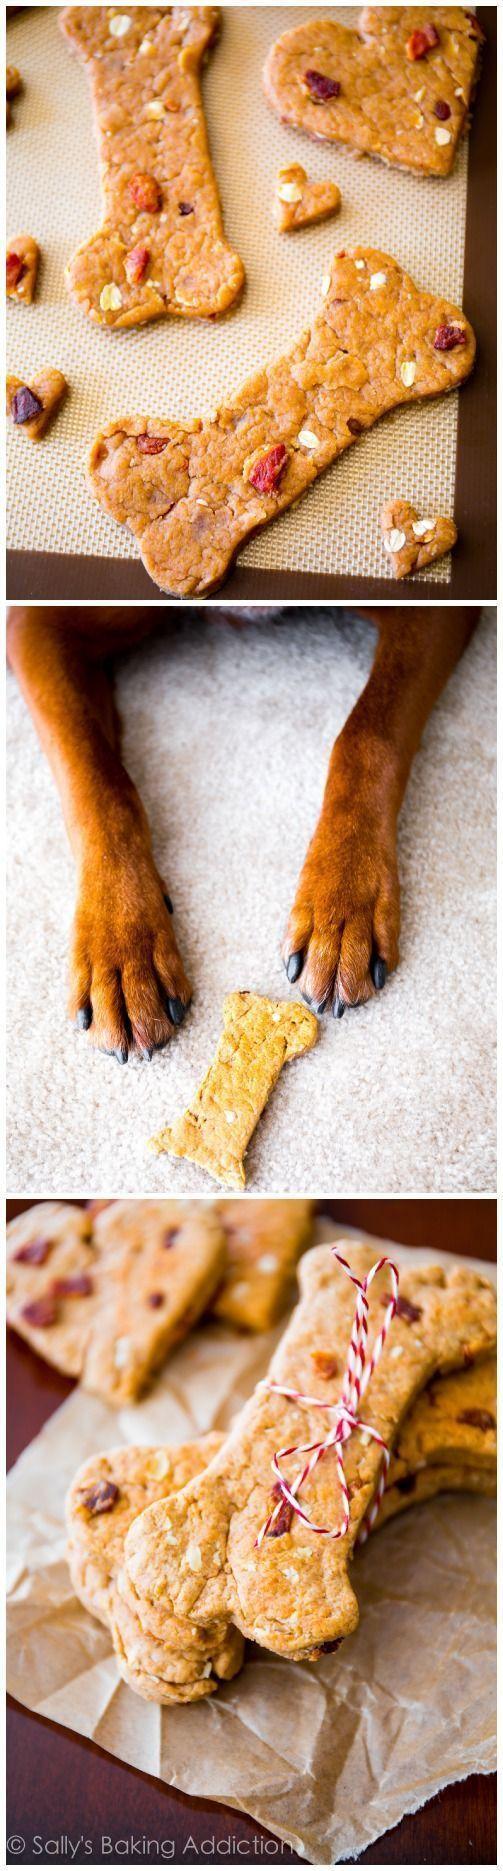 Homemade Peanut Butter Bacon Dog Treats so easy and my